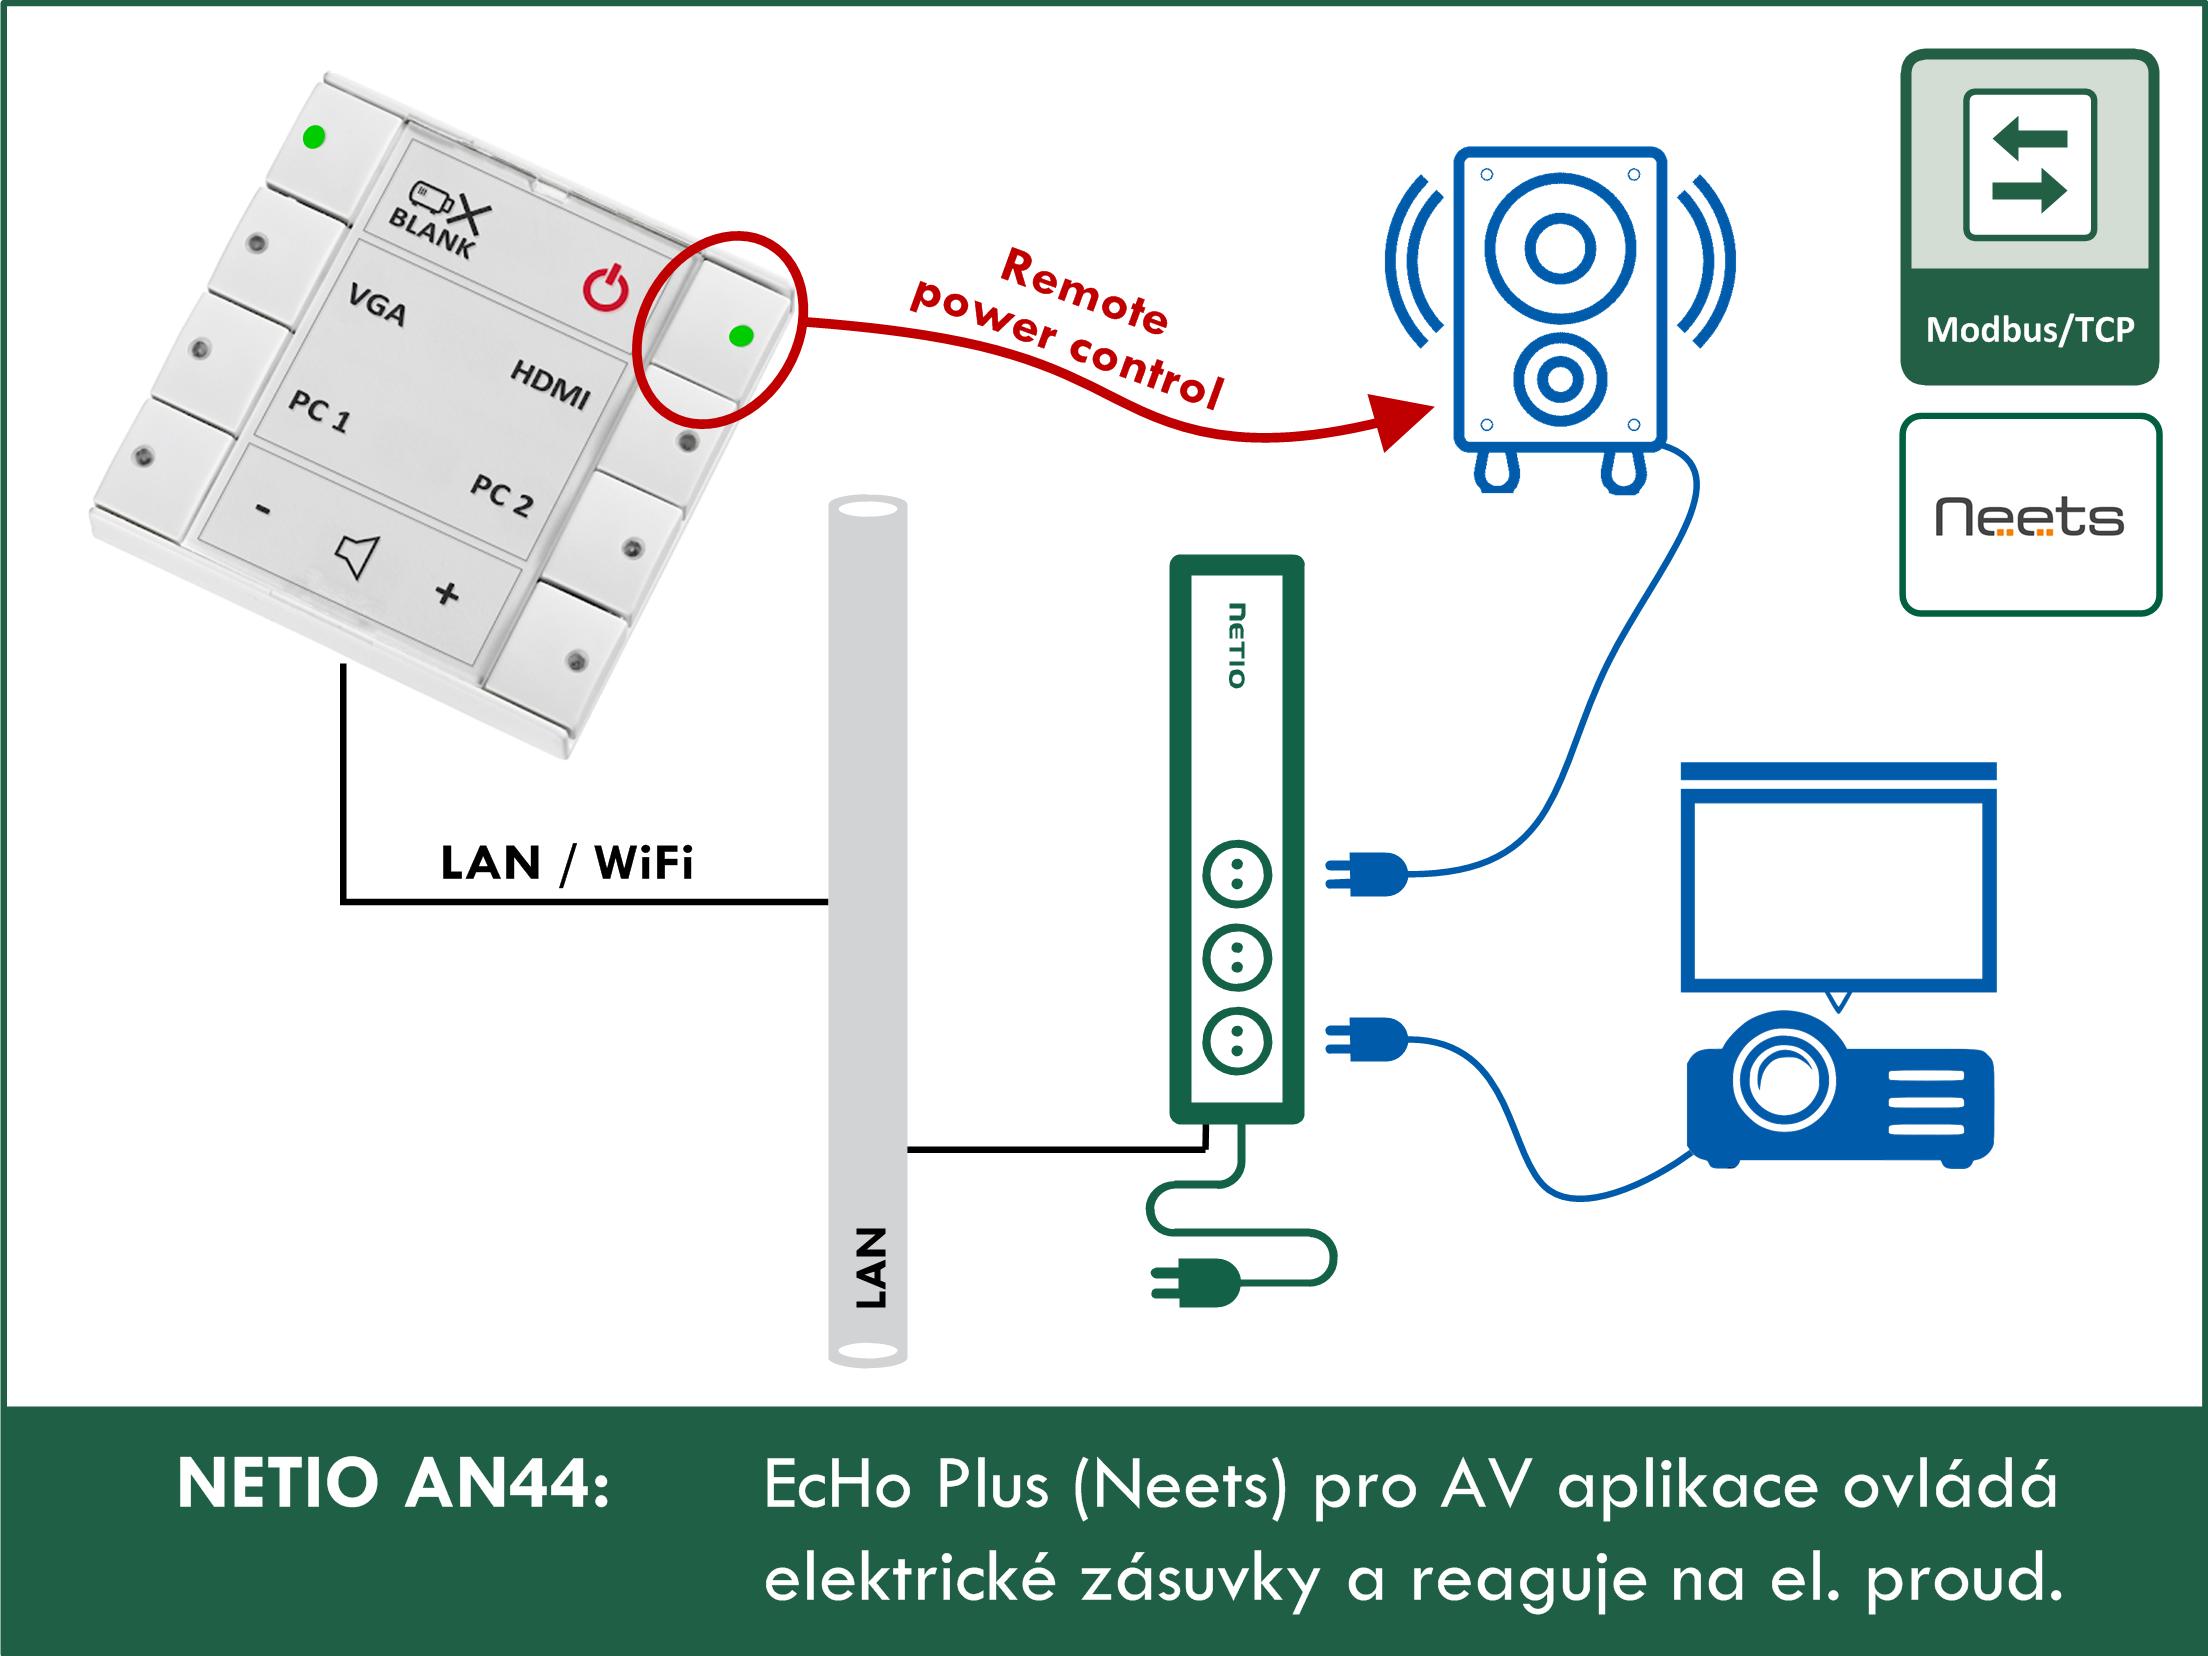 AN44 EcHo Plus (Neets) pro AV aplikace ovládá elektrické zásuvky a reaguje na el. proud